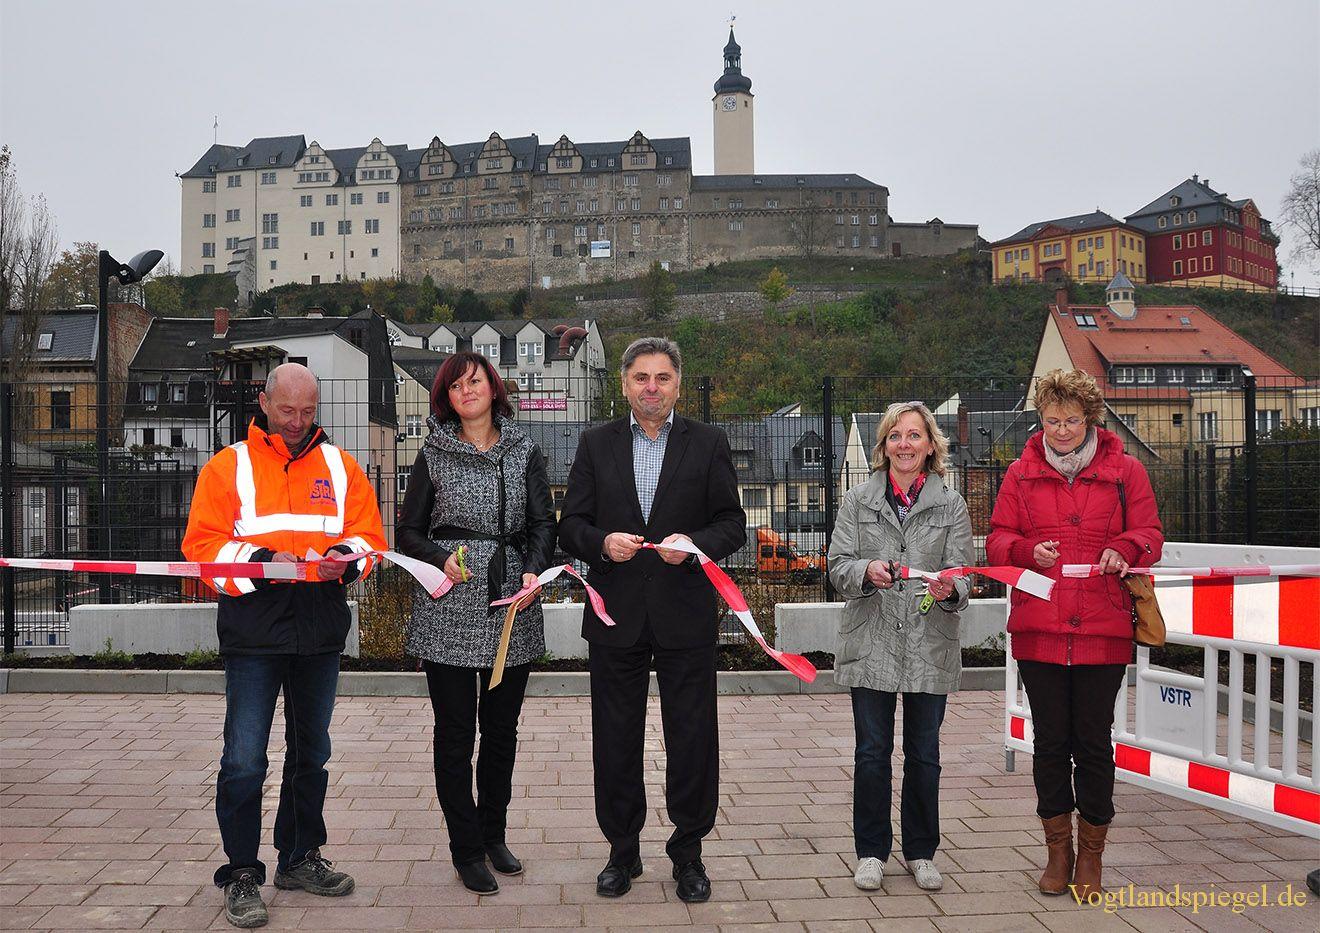 Verkehrsfreigabe des öffentlichen Parkplatzes an Spiel- und Sportfläche Neuer Weg